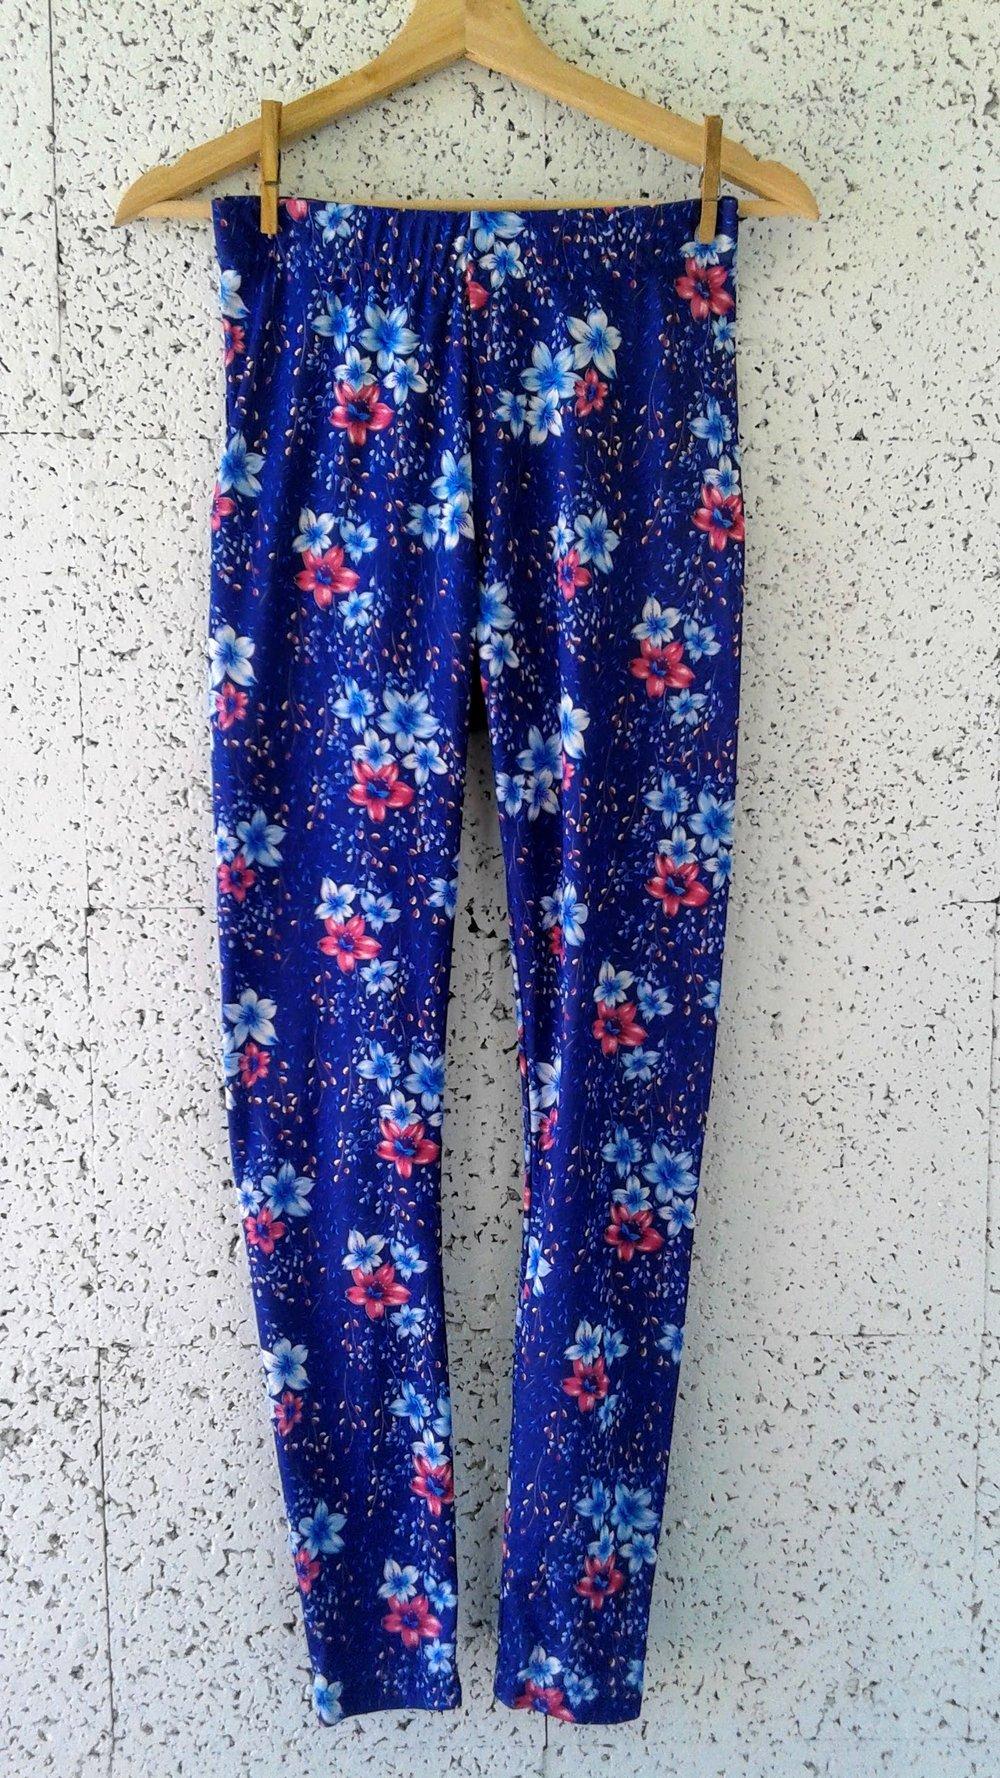 Fridget pants; Size XS, $24